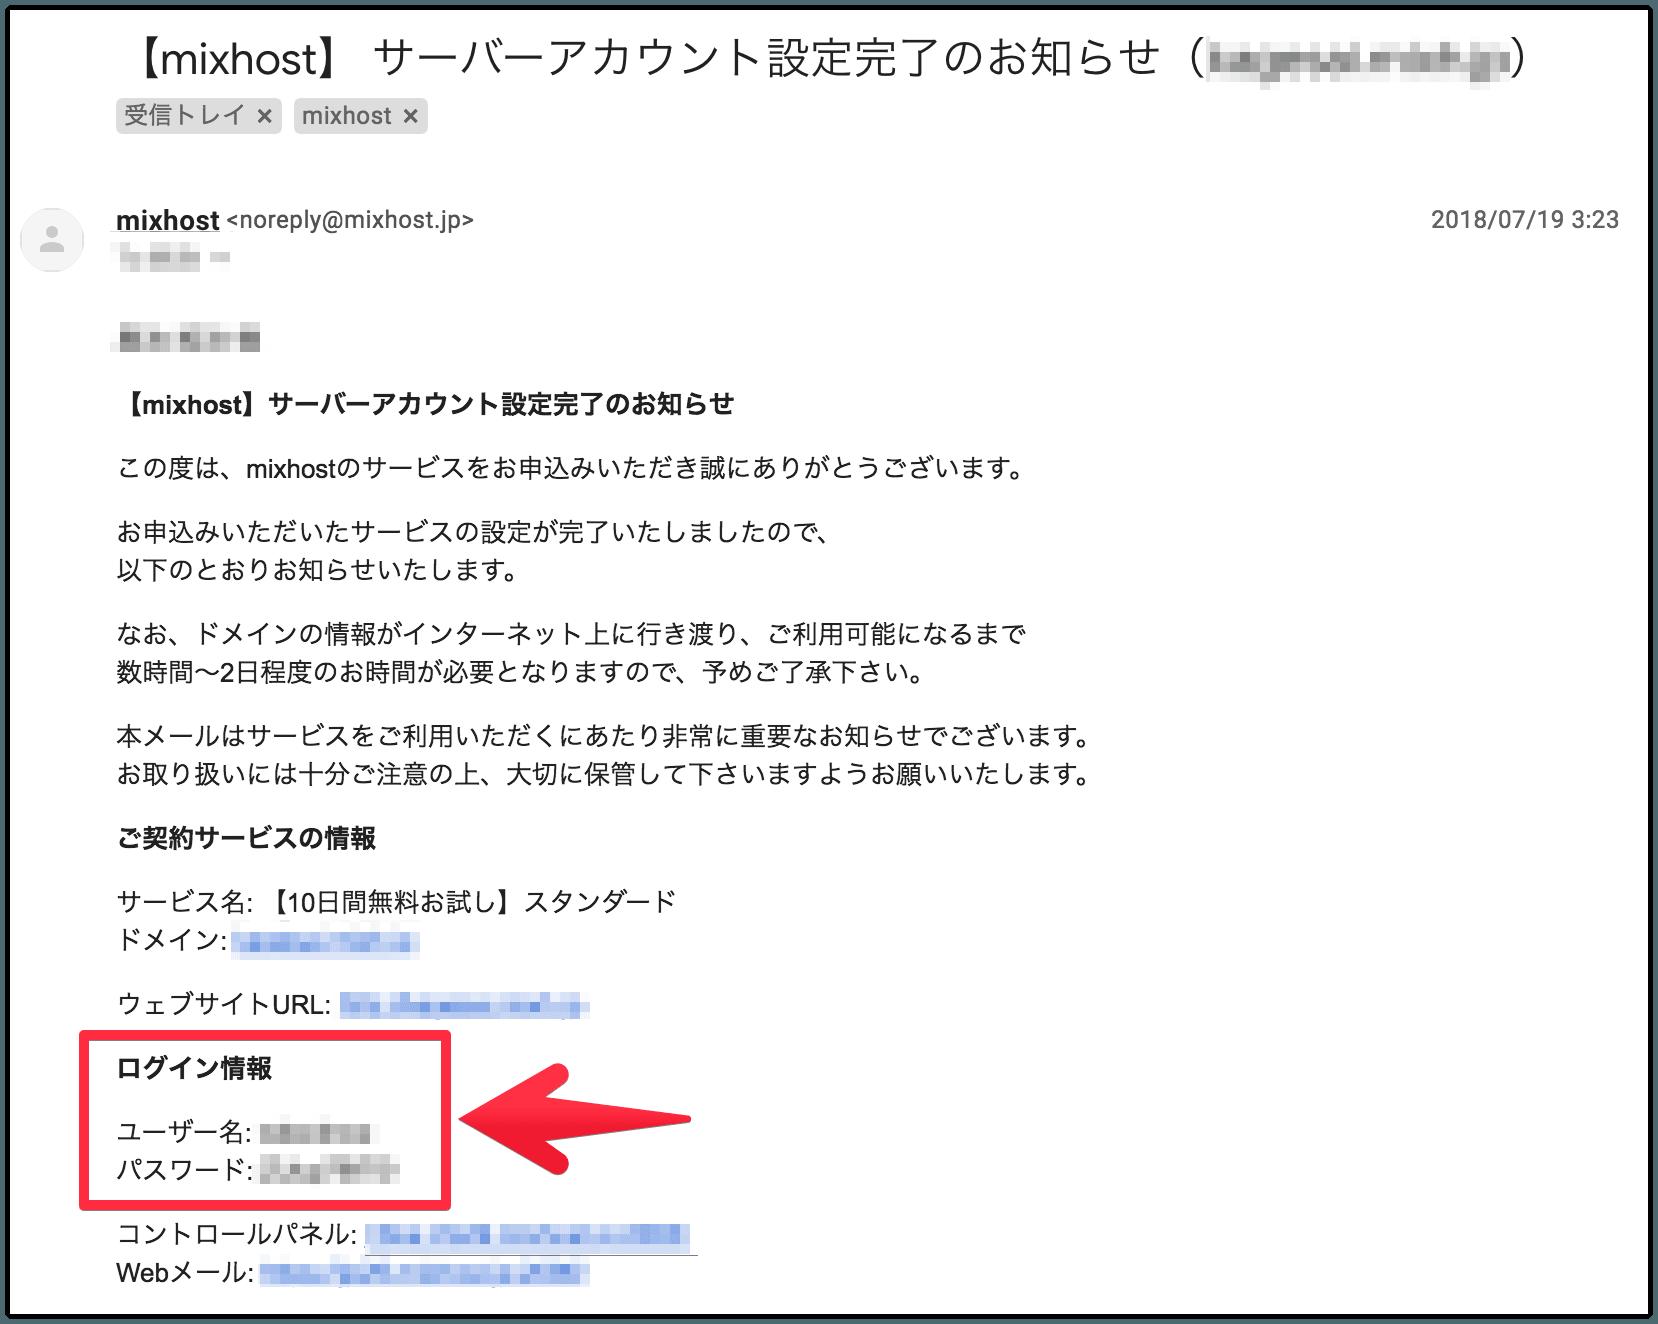 mixhost設定完了メール